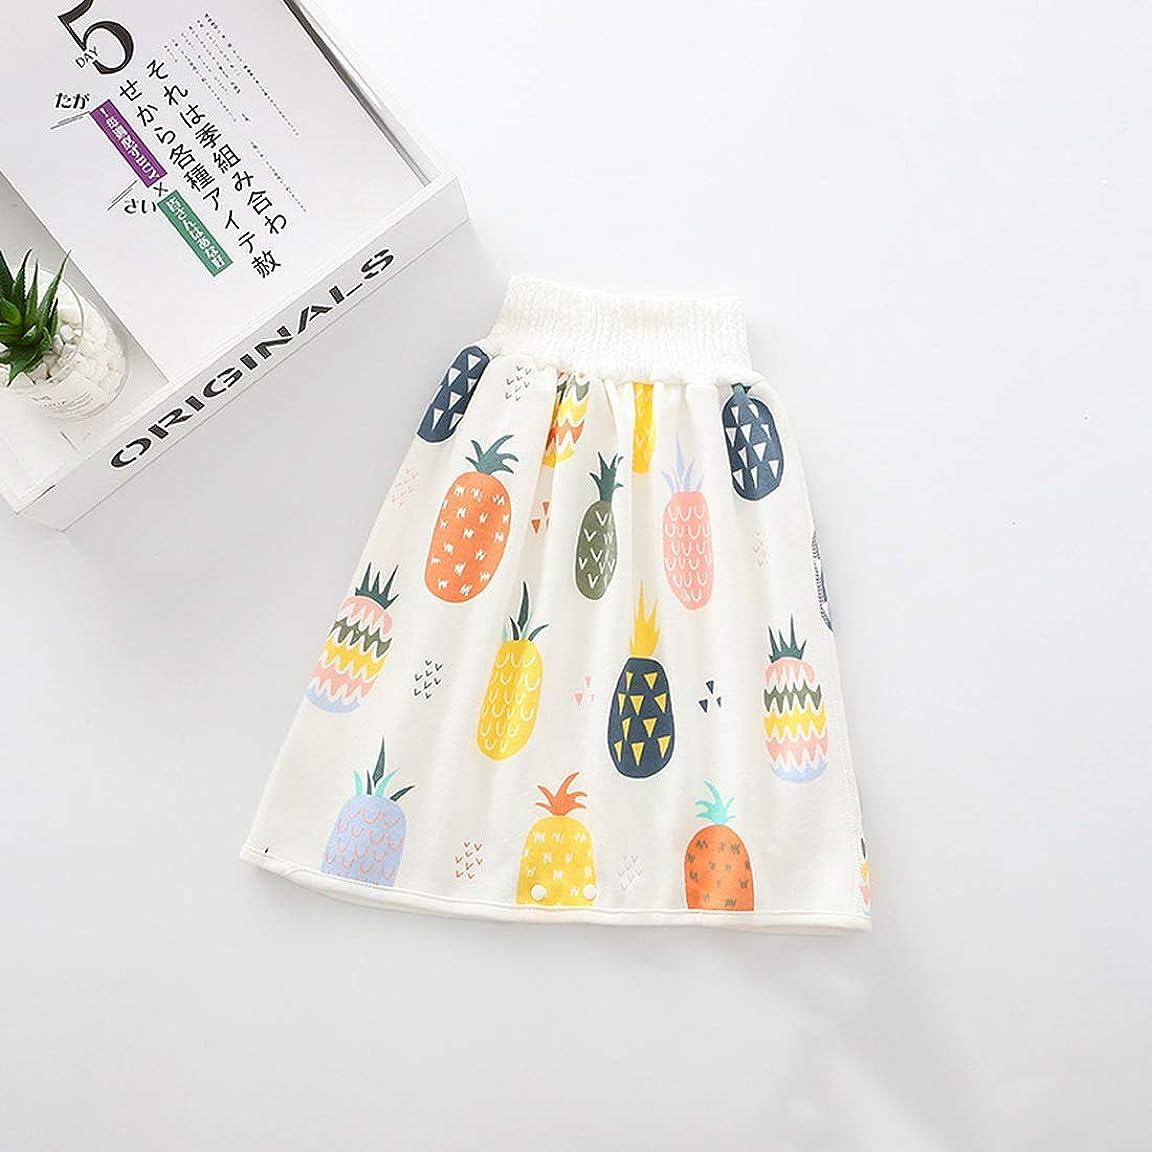 デザイナーマイクロフォンラジカルSnewvie 赤ちゃんの幼児のための快適なおむつスカートショーツ防水性と吸収性ショーツ